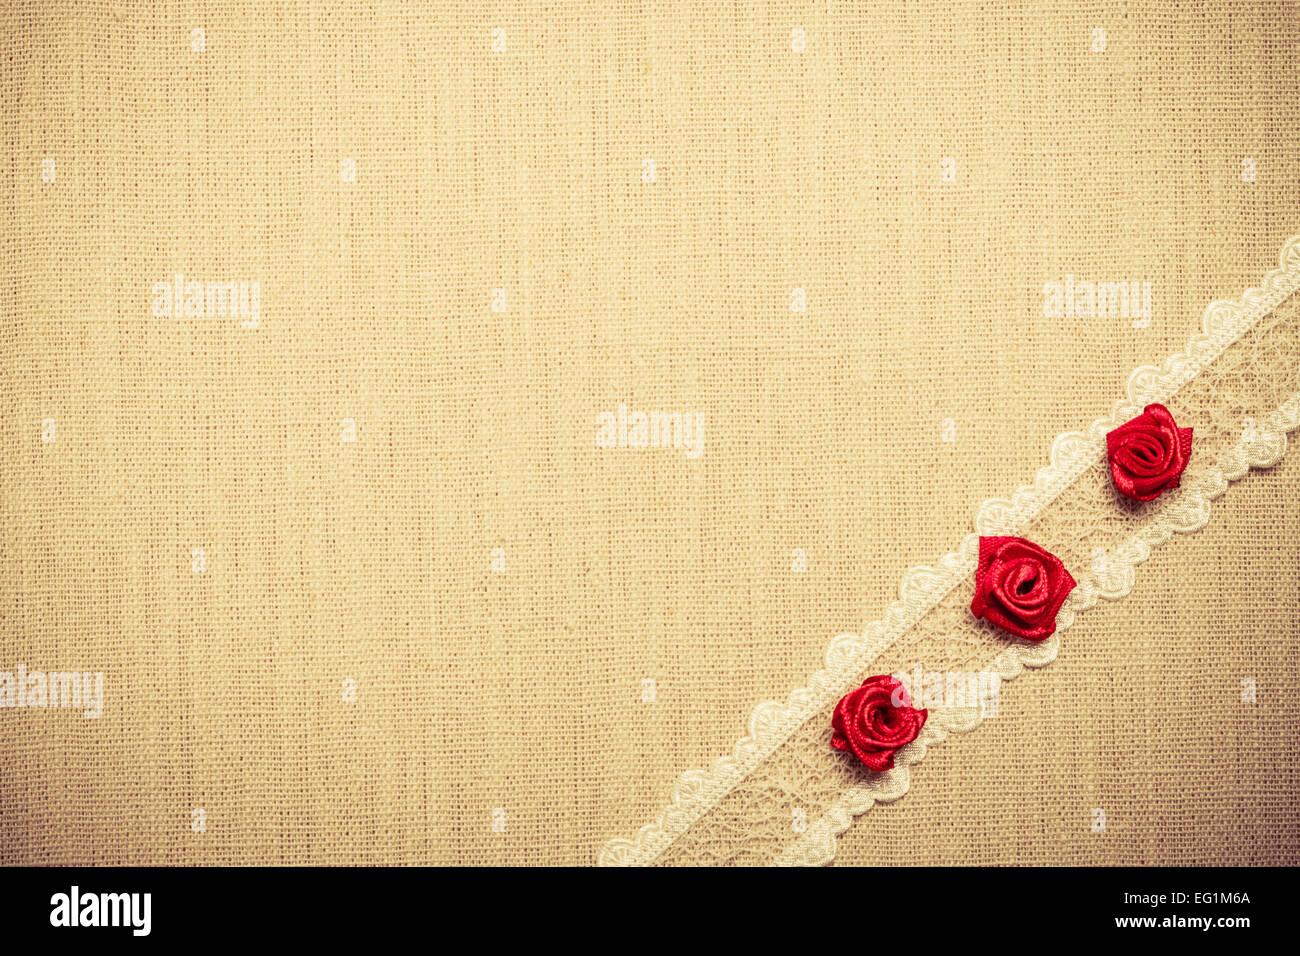 Valentinstag Hochzeit Einladung Oder Grusskarte Dekorativer Roter